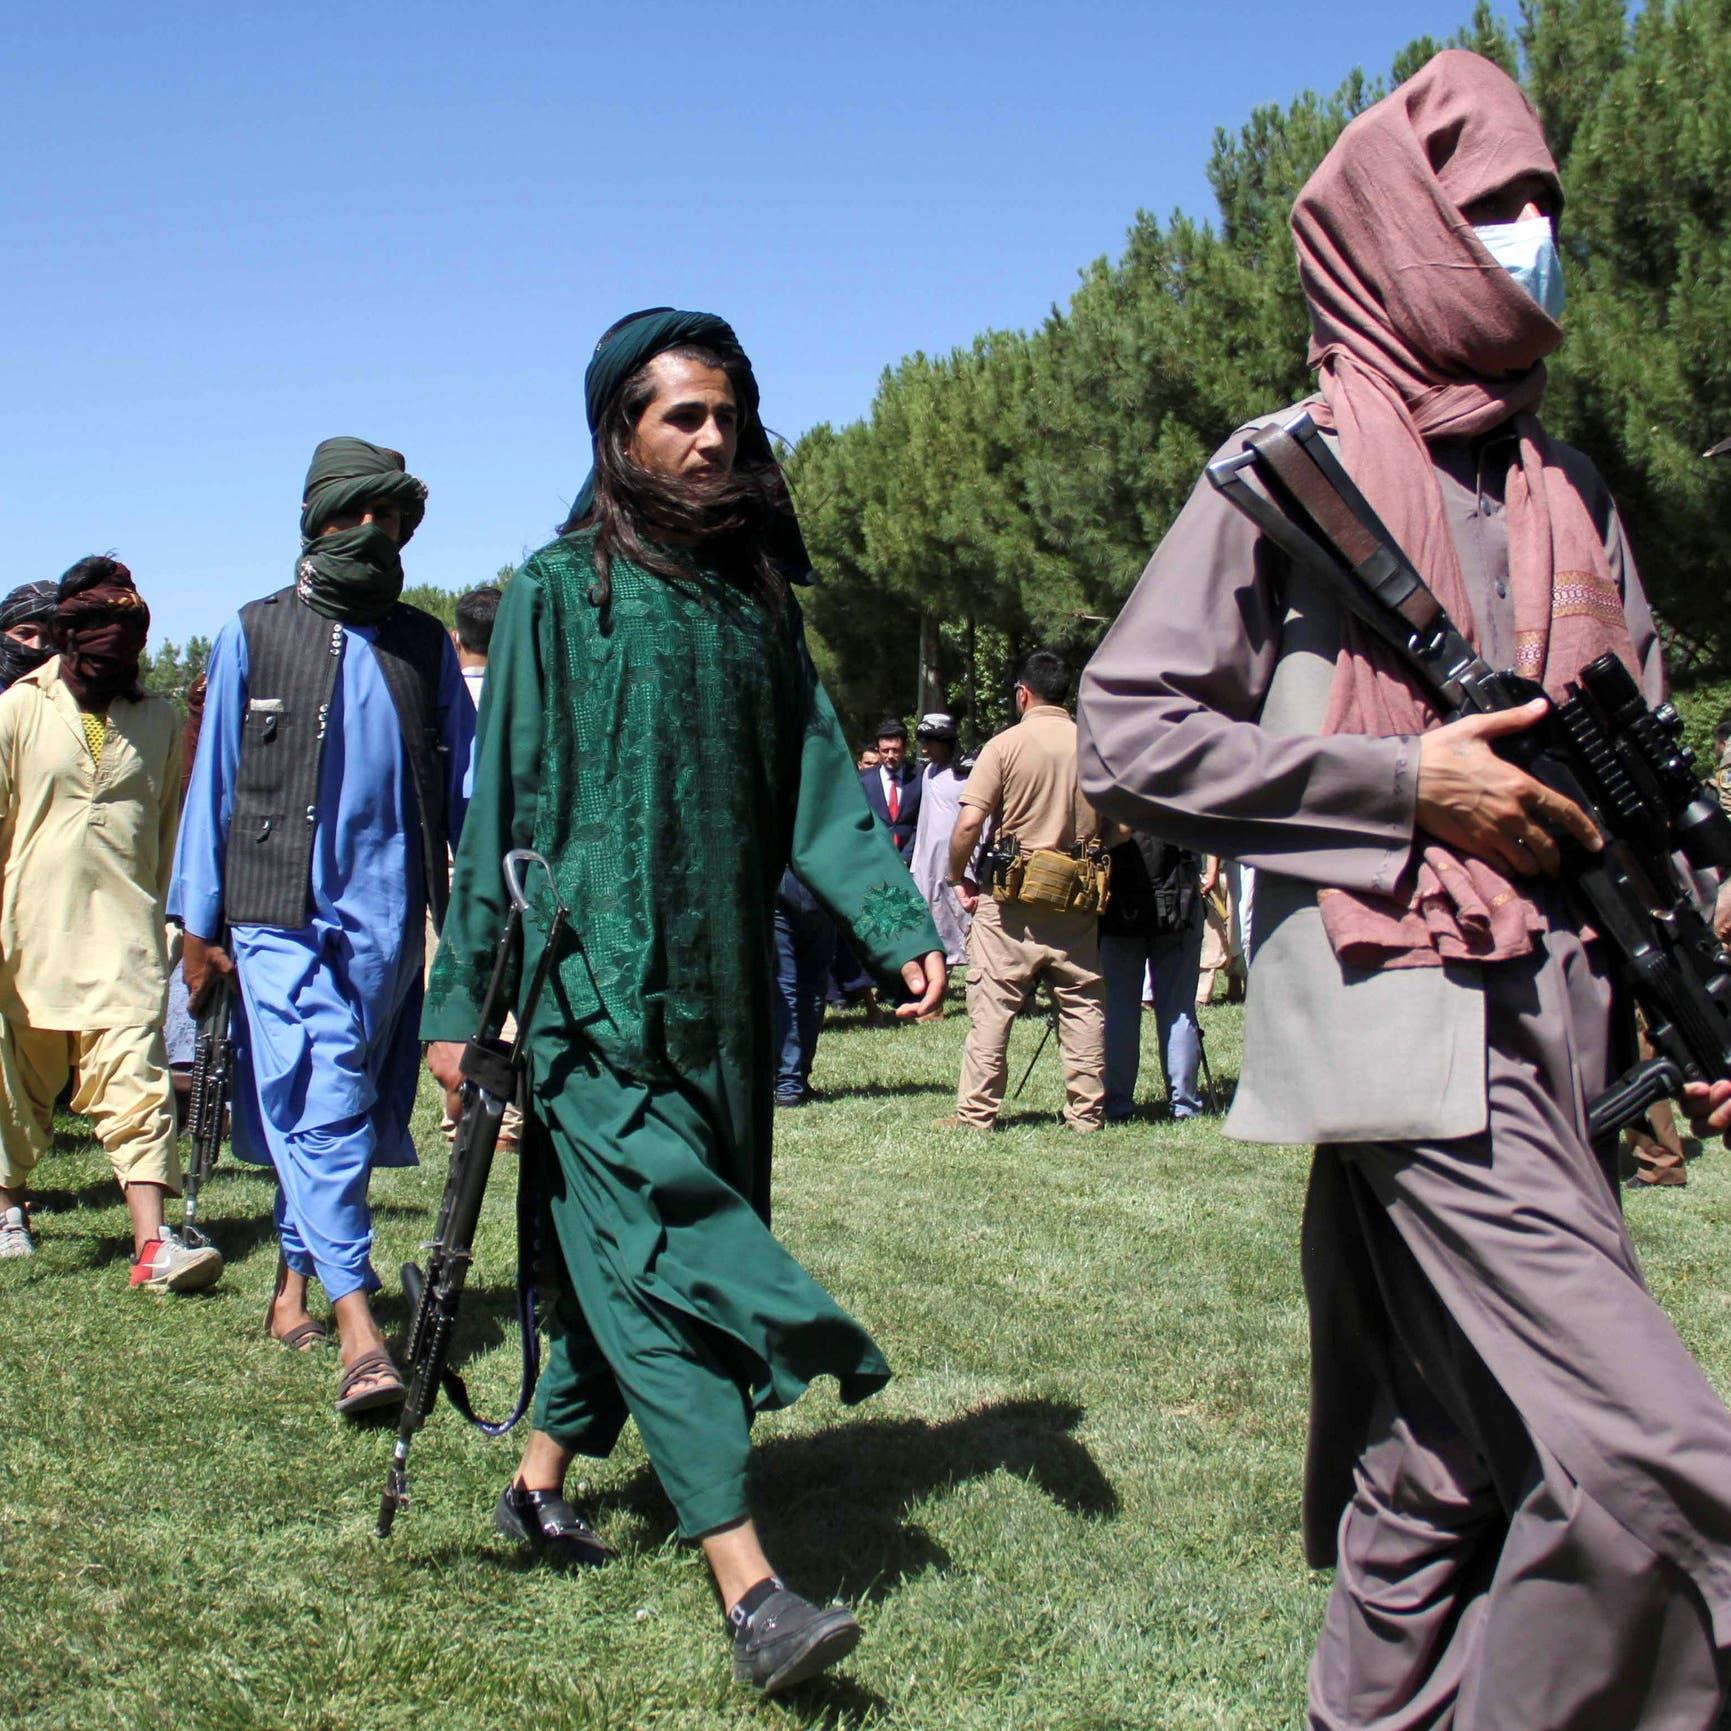 طالبان تصل لحدود الصين ومسؤول بالحركة: لن نتدخل بقضية الإيغور